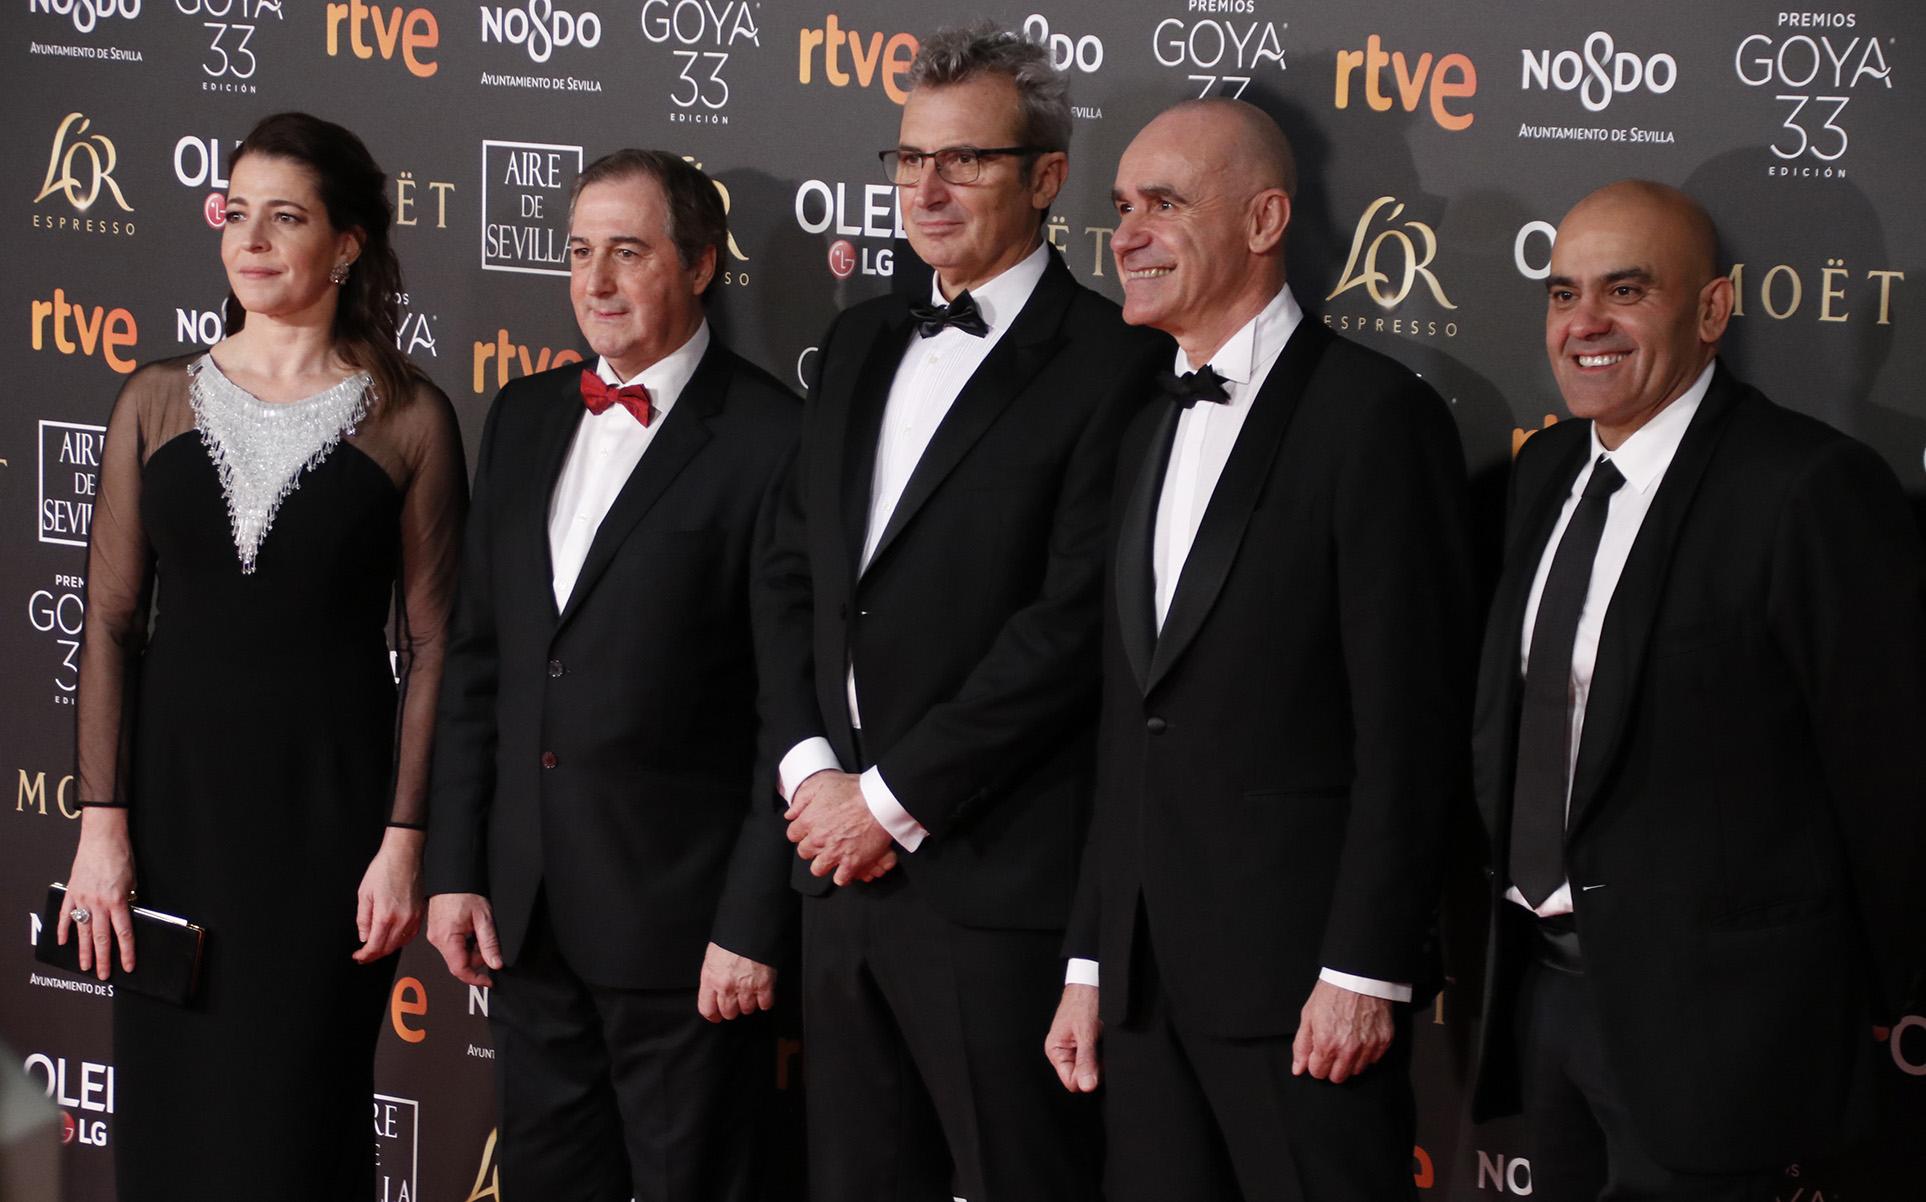 """Mariano Barroso: """"Agradecemos a nuestros espectadores su apoyo y su presencia"""""""